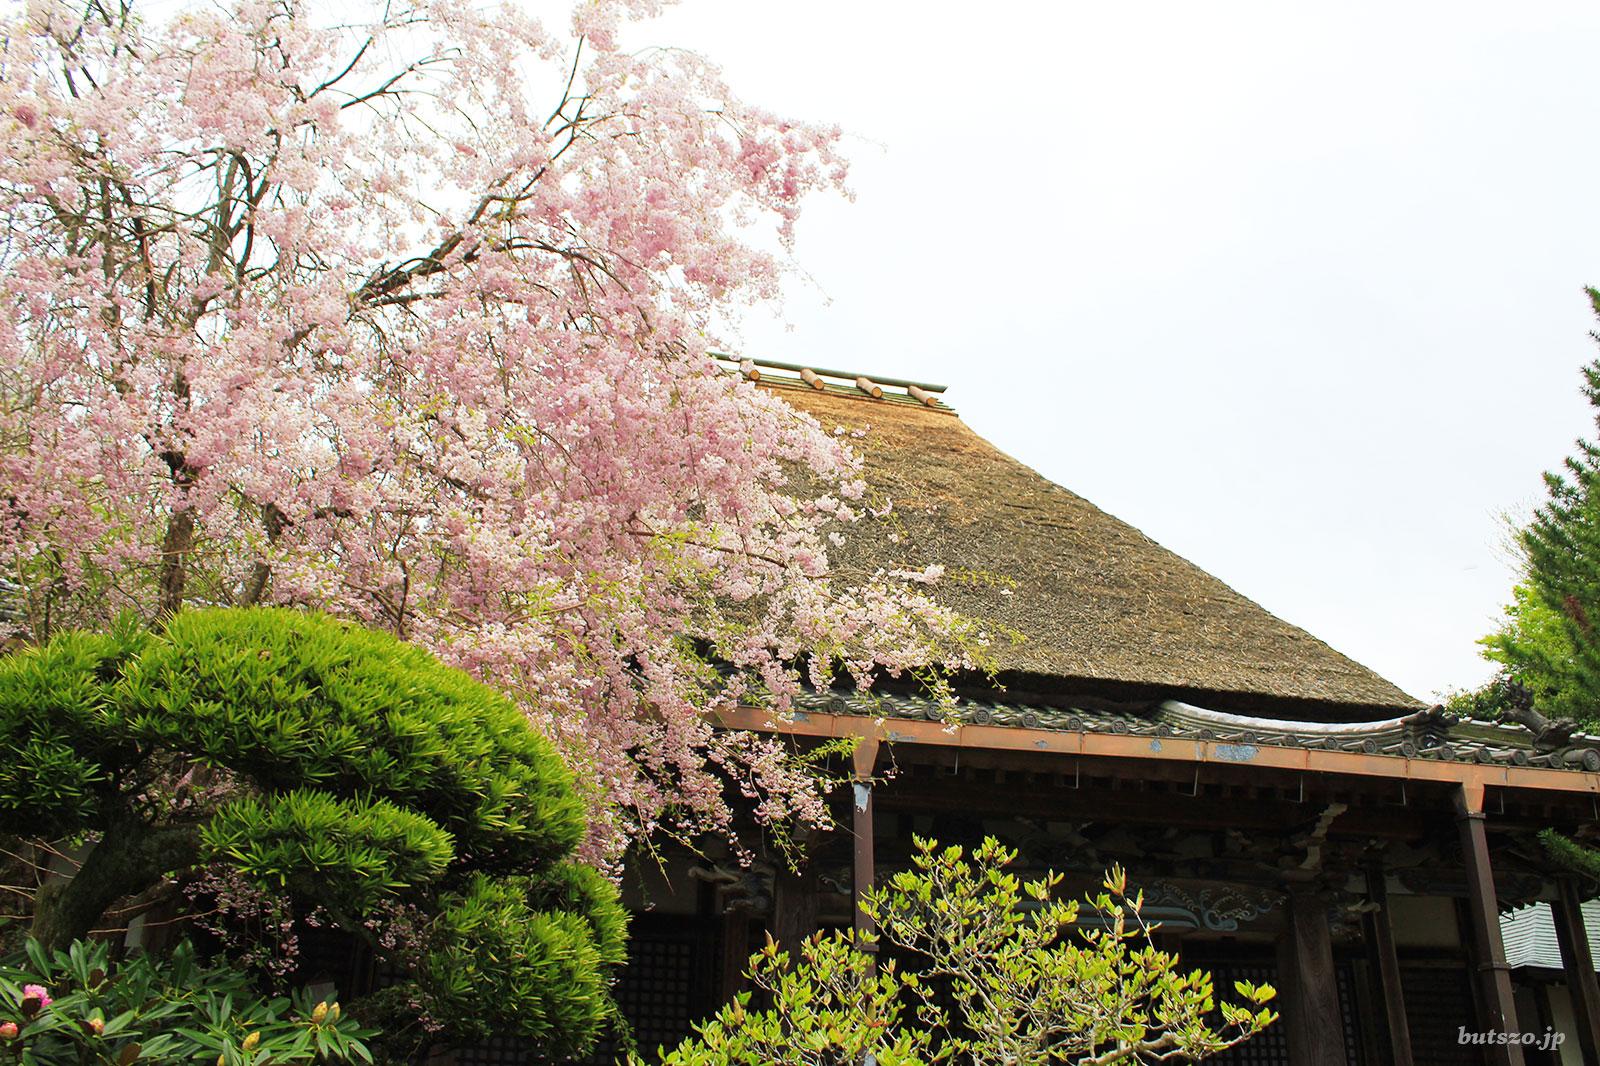 西念寺本堂の桜